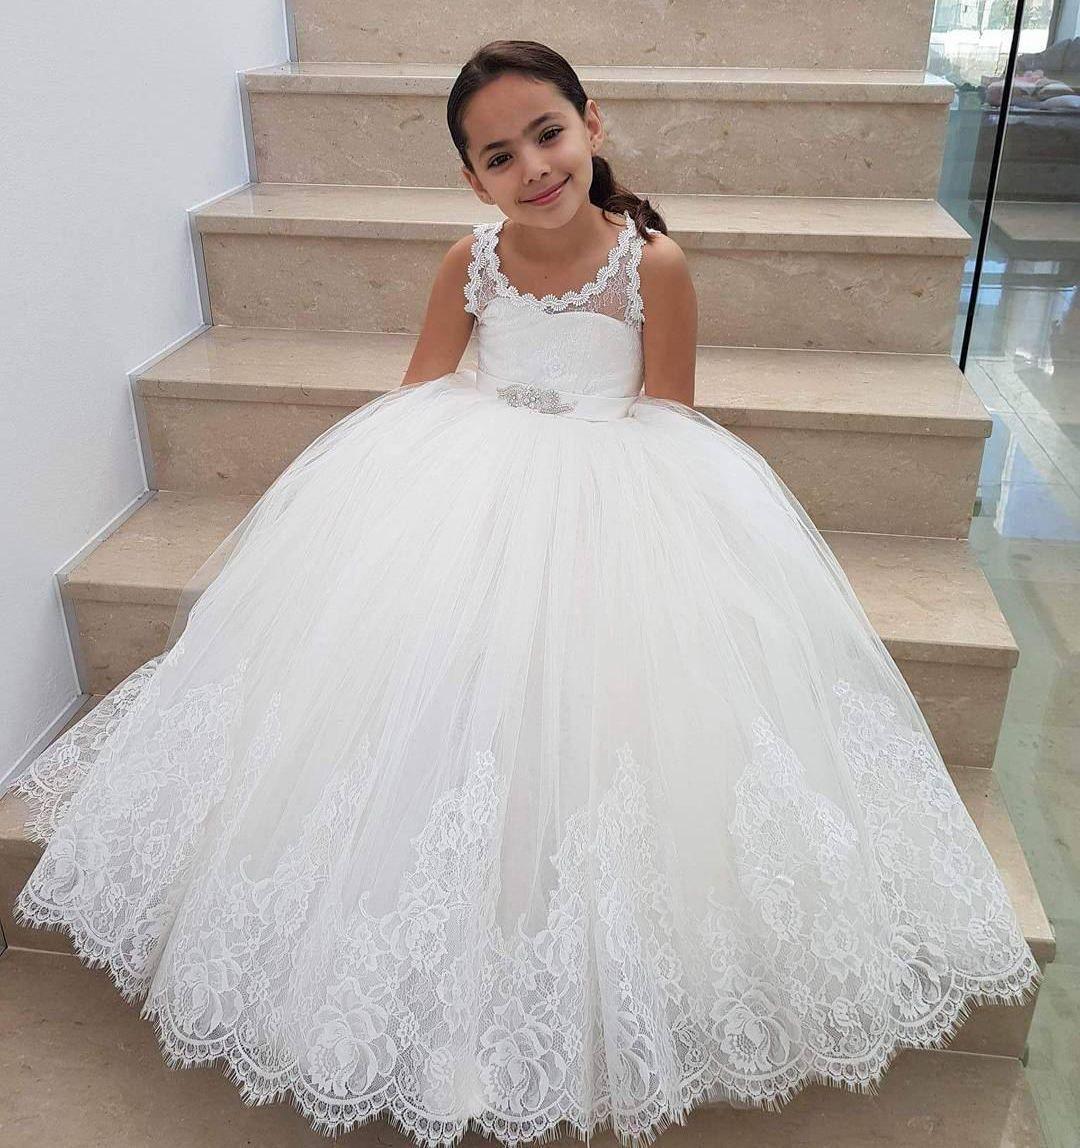 Weinlese-weiße preiswerte Blumen-Mädchen kleidet wulstige Schärpe-Prinzessin-Ballkleid-Spitze-Mädchen-Festzug-Kleid-Ballettröckchen-Rock-freies Verschiffen